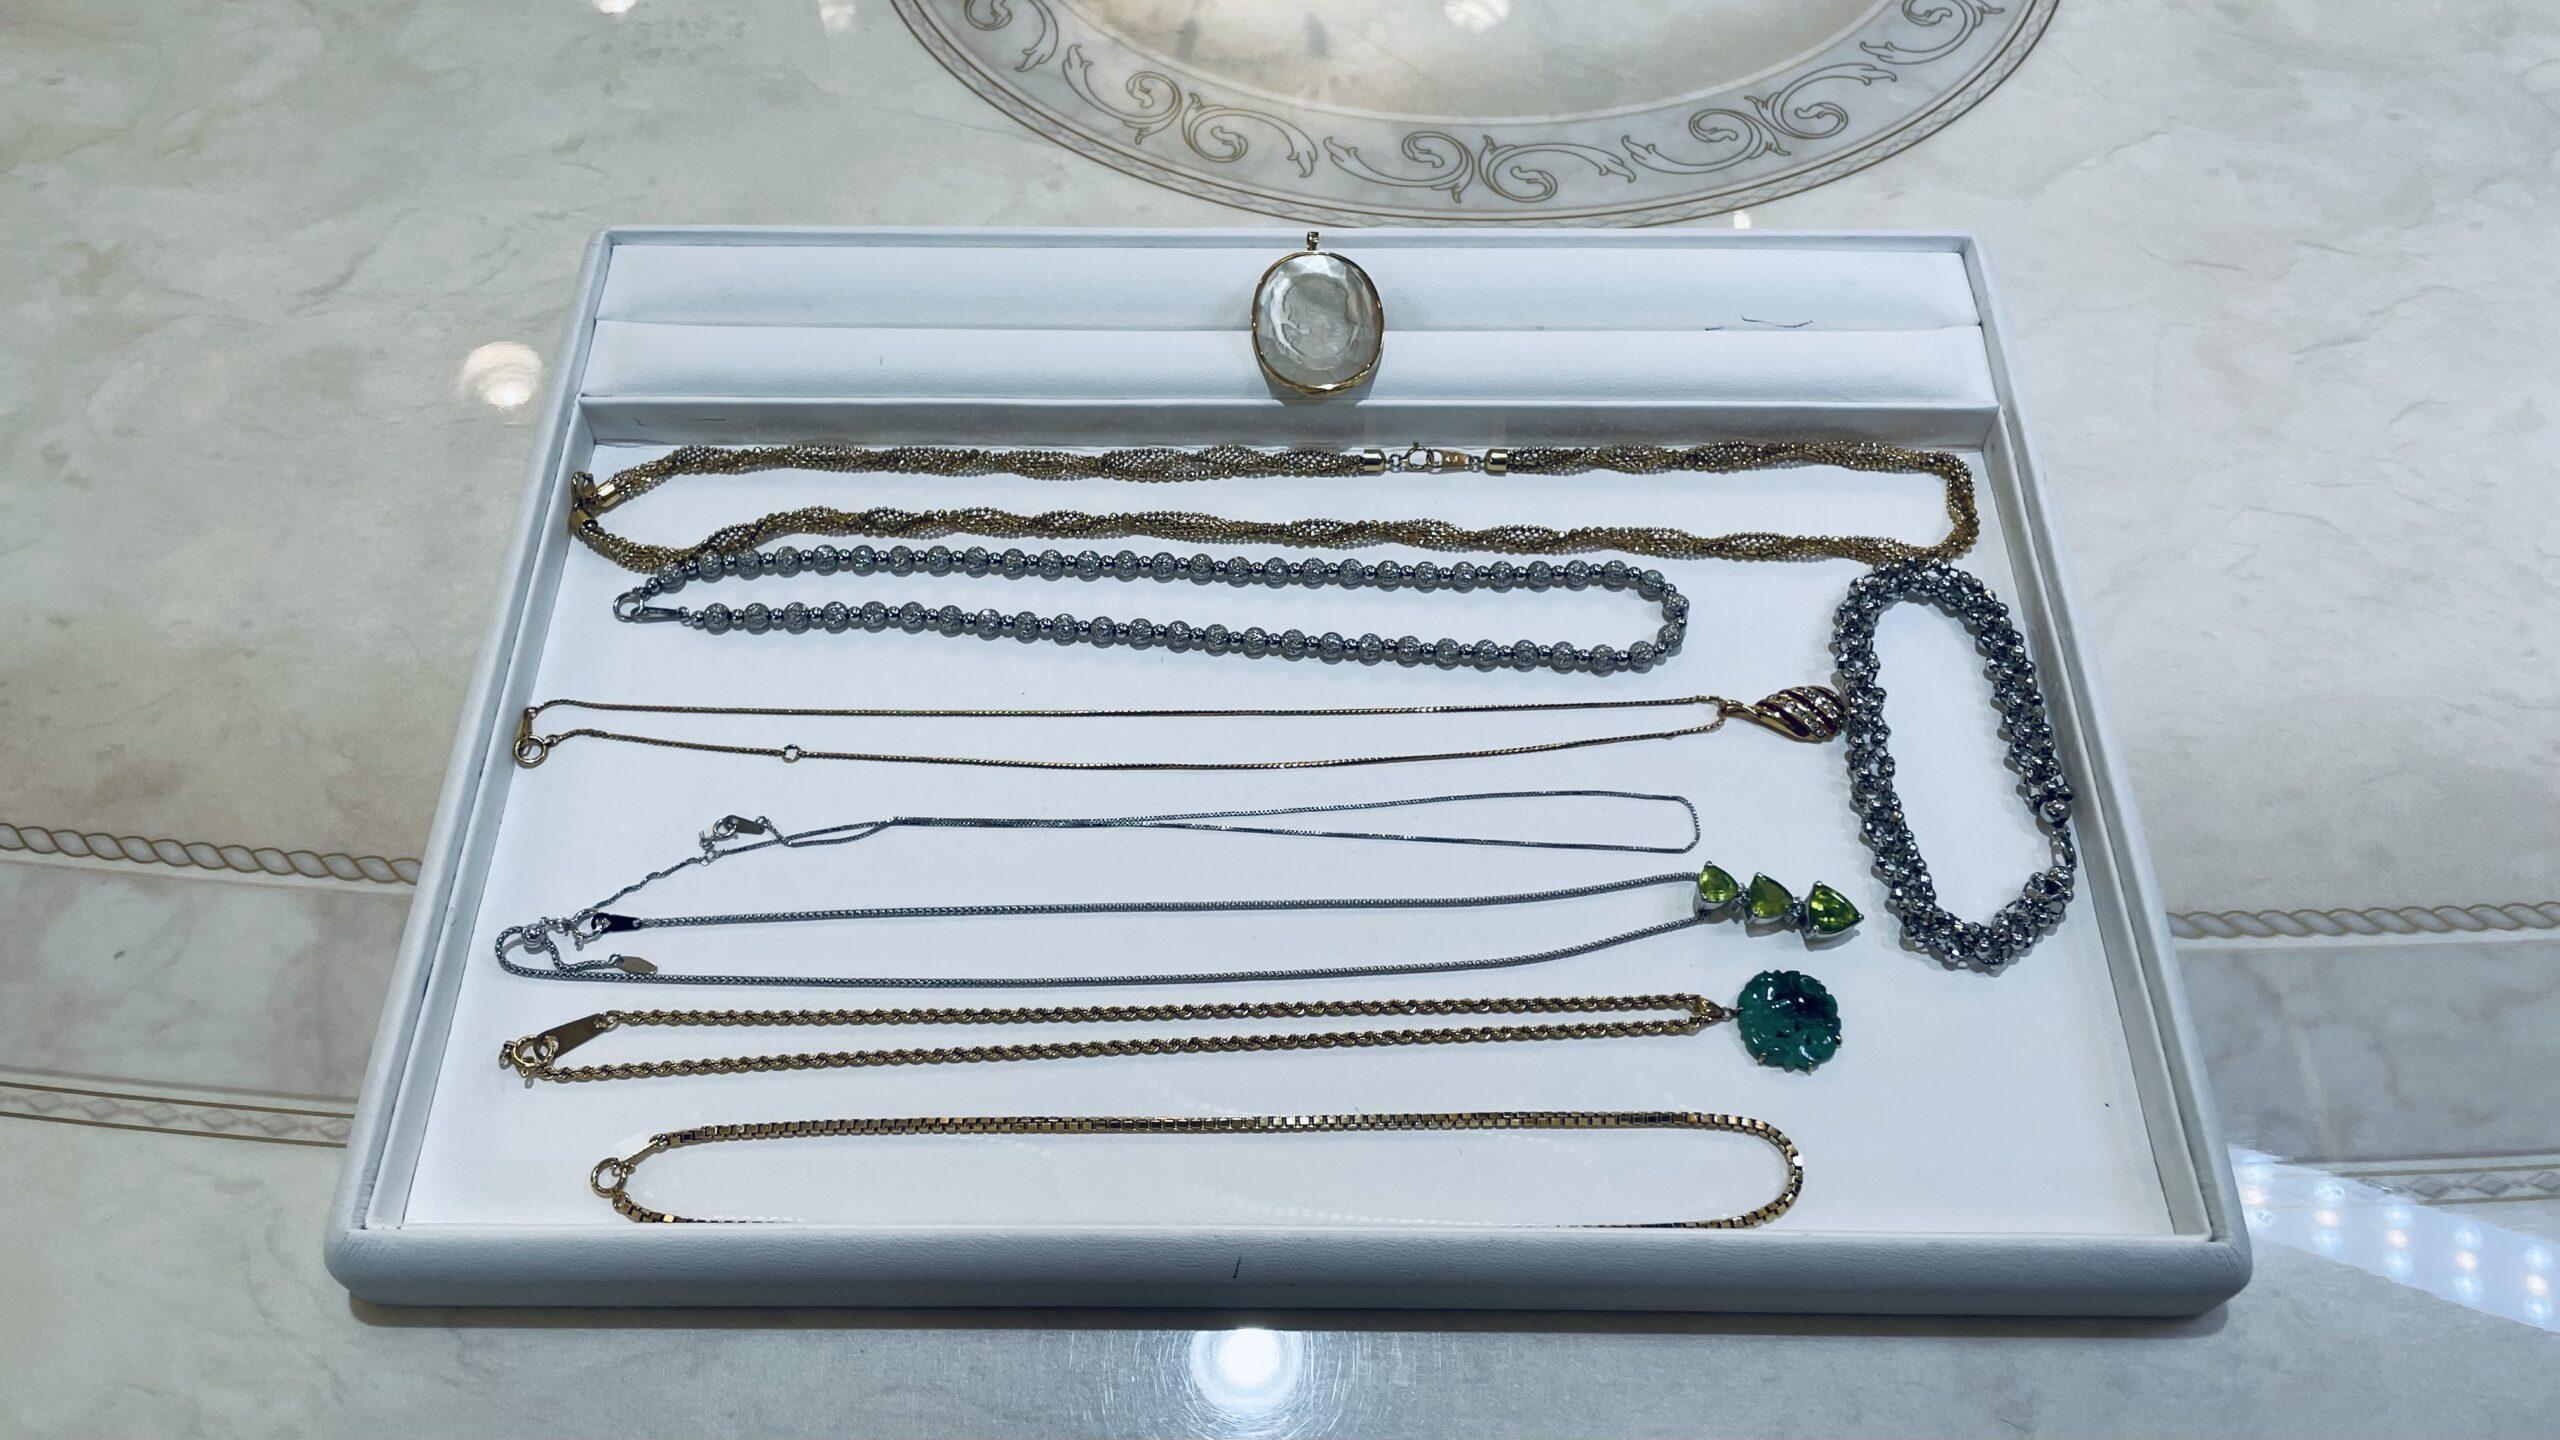 【買取速報】クオーツ、ダイヤモンド、ヒスイ、ペリドット、ルビー、ネックレス、ブレスレット、ペ-2021-03-11